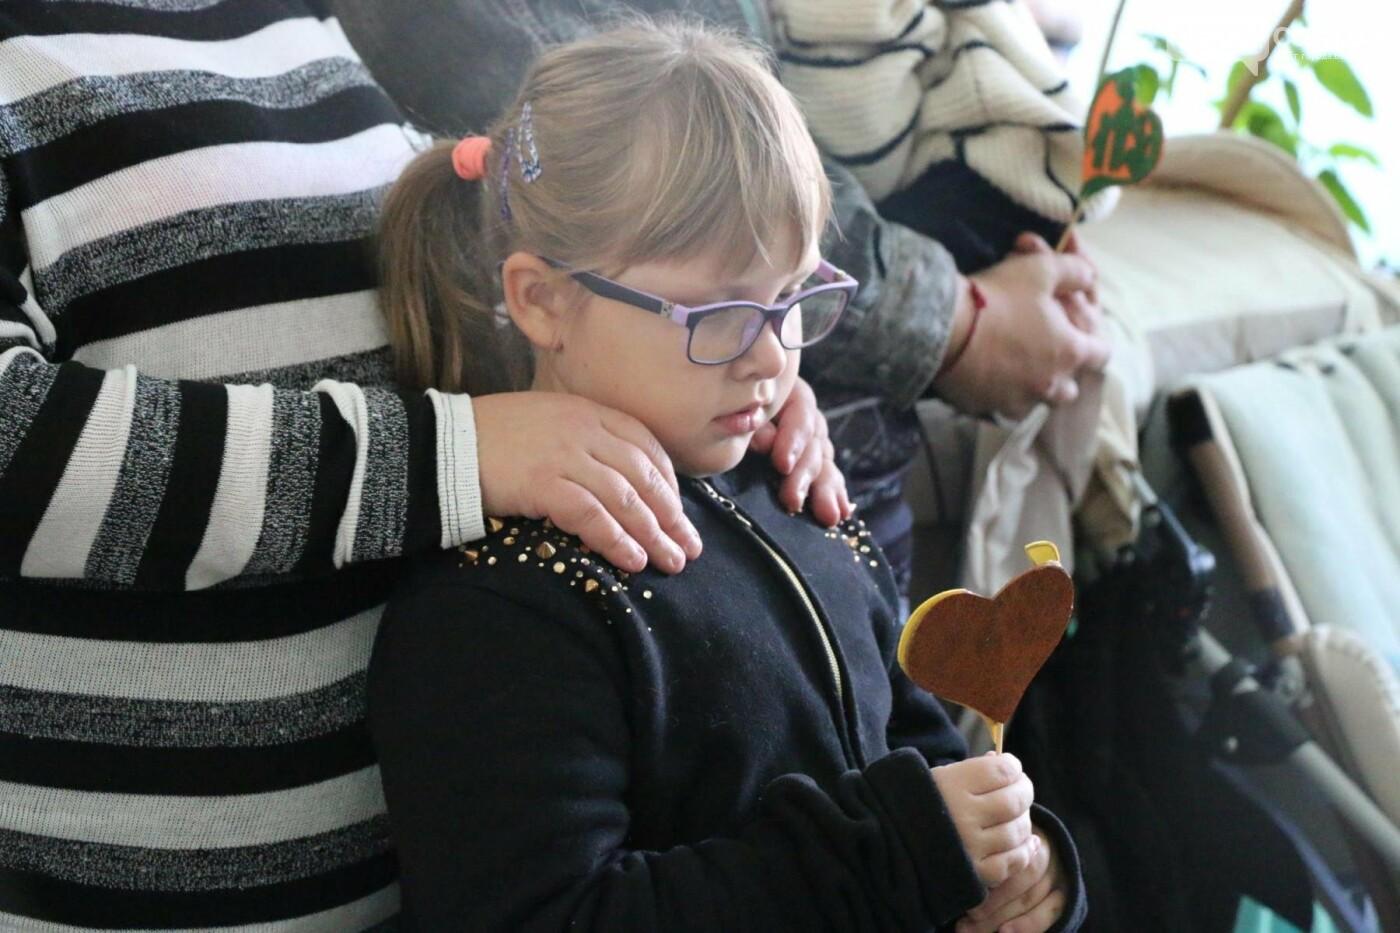 В Бахмуте открыт Инклюзивно-ресурсный центр для детей с особыми потребностями, фото-4